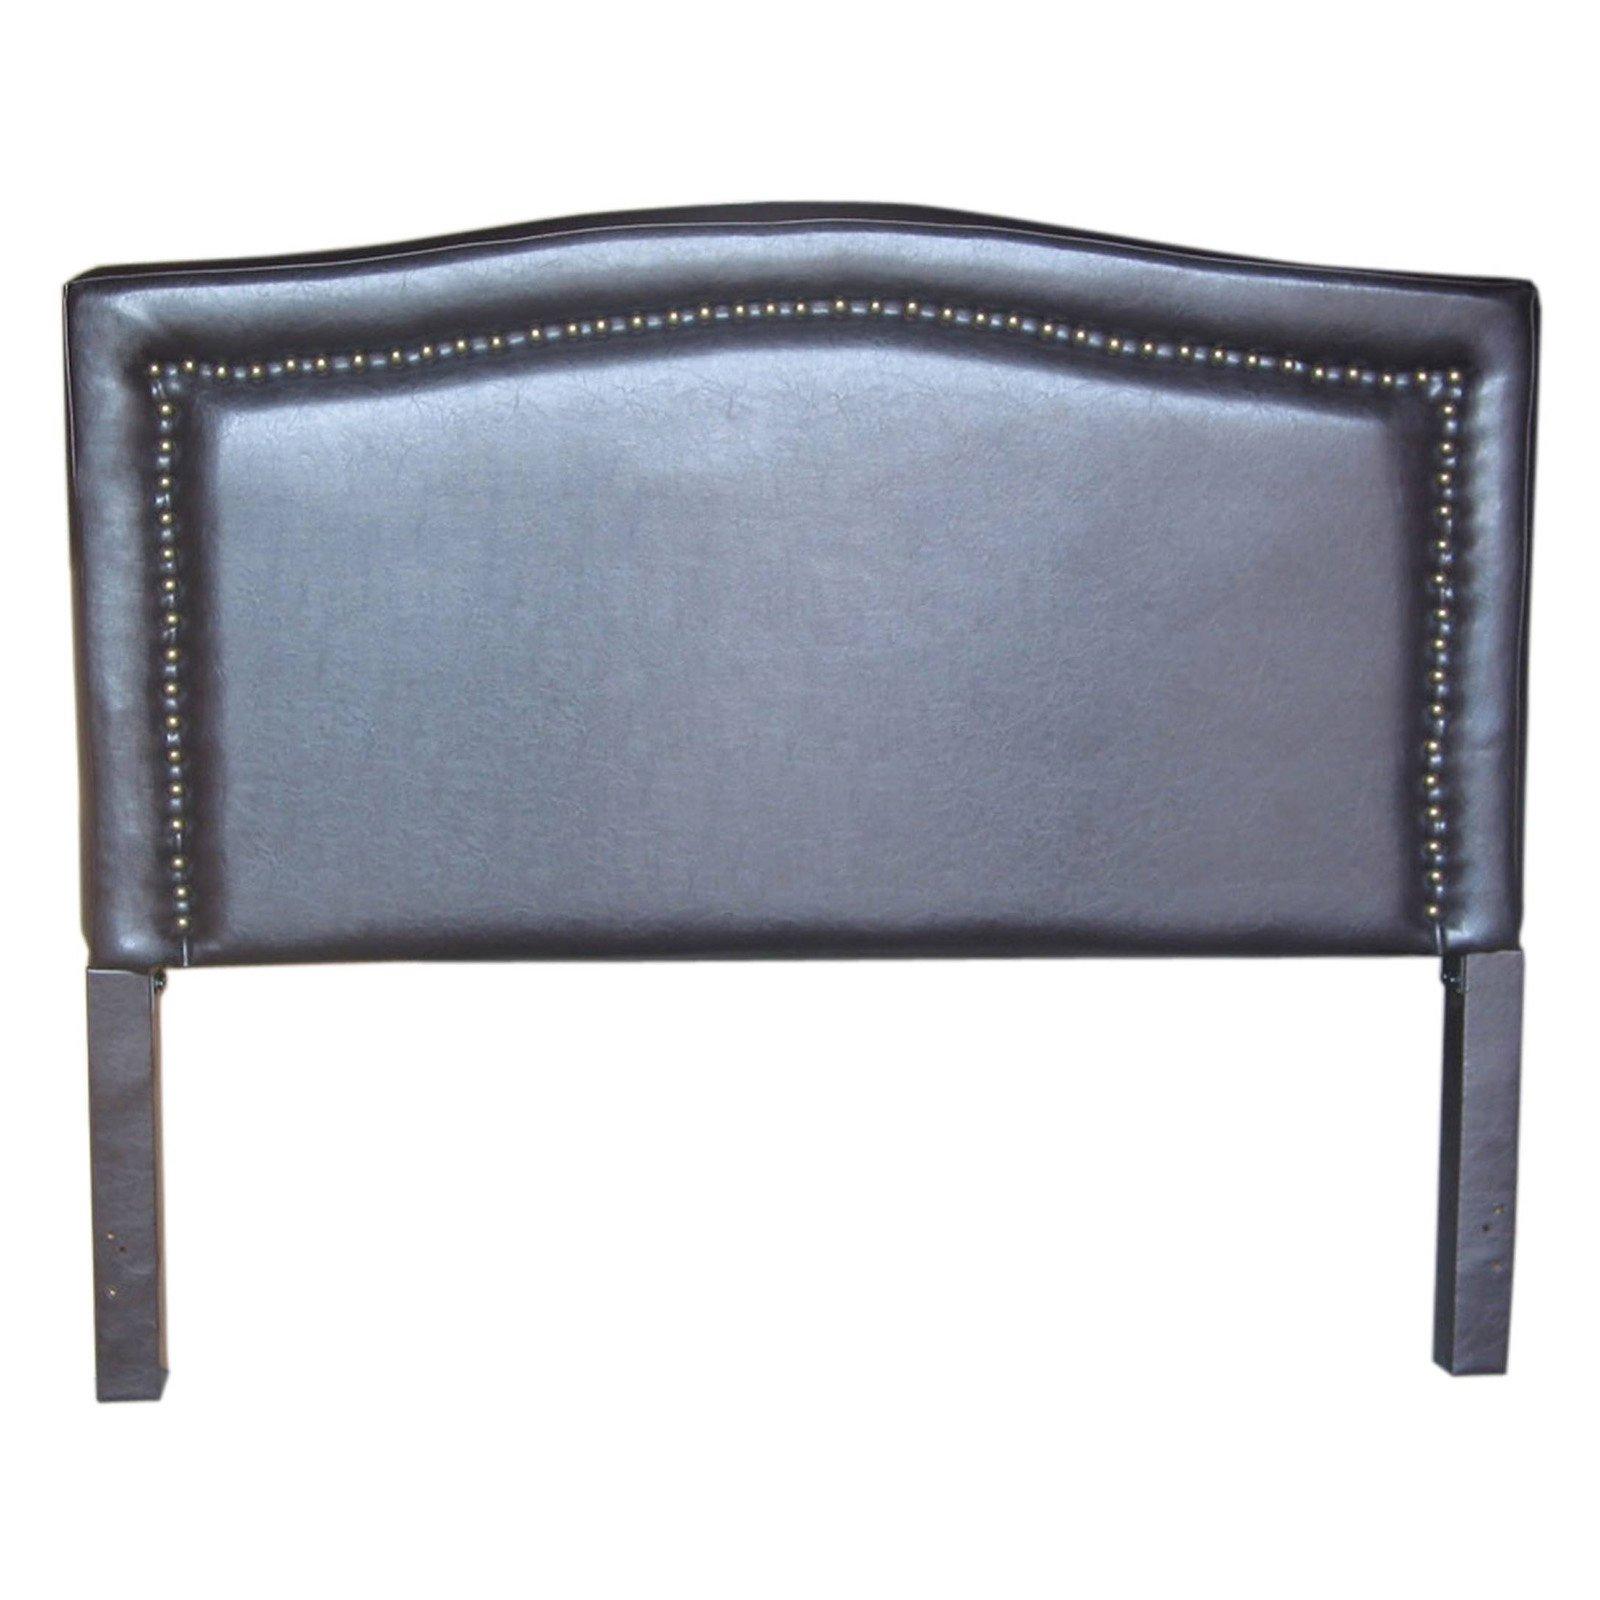 4D Concepts Virginia Upholstered Queen Headboard